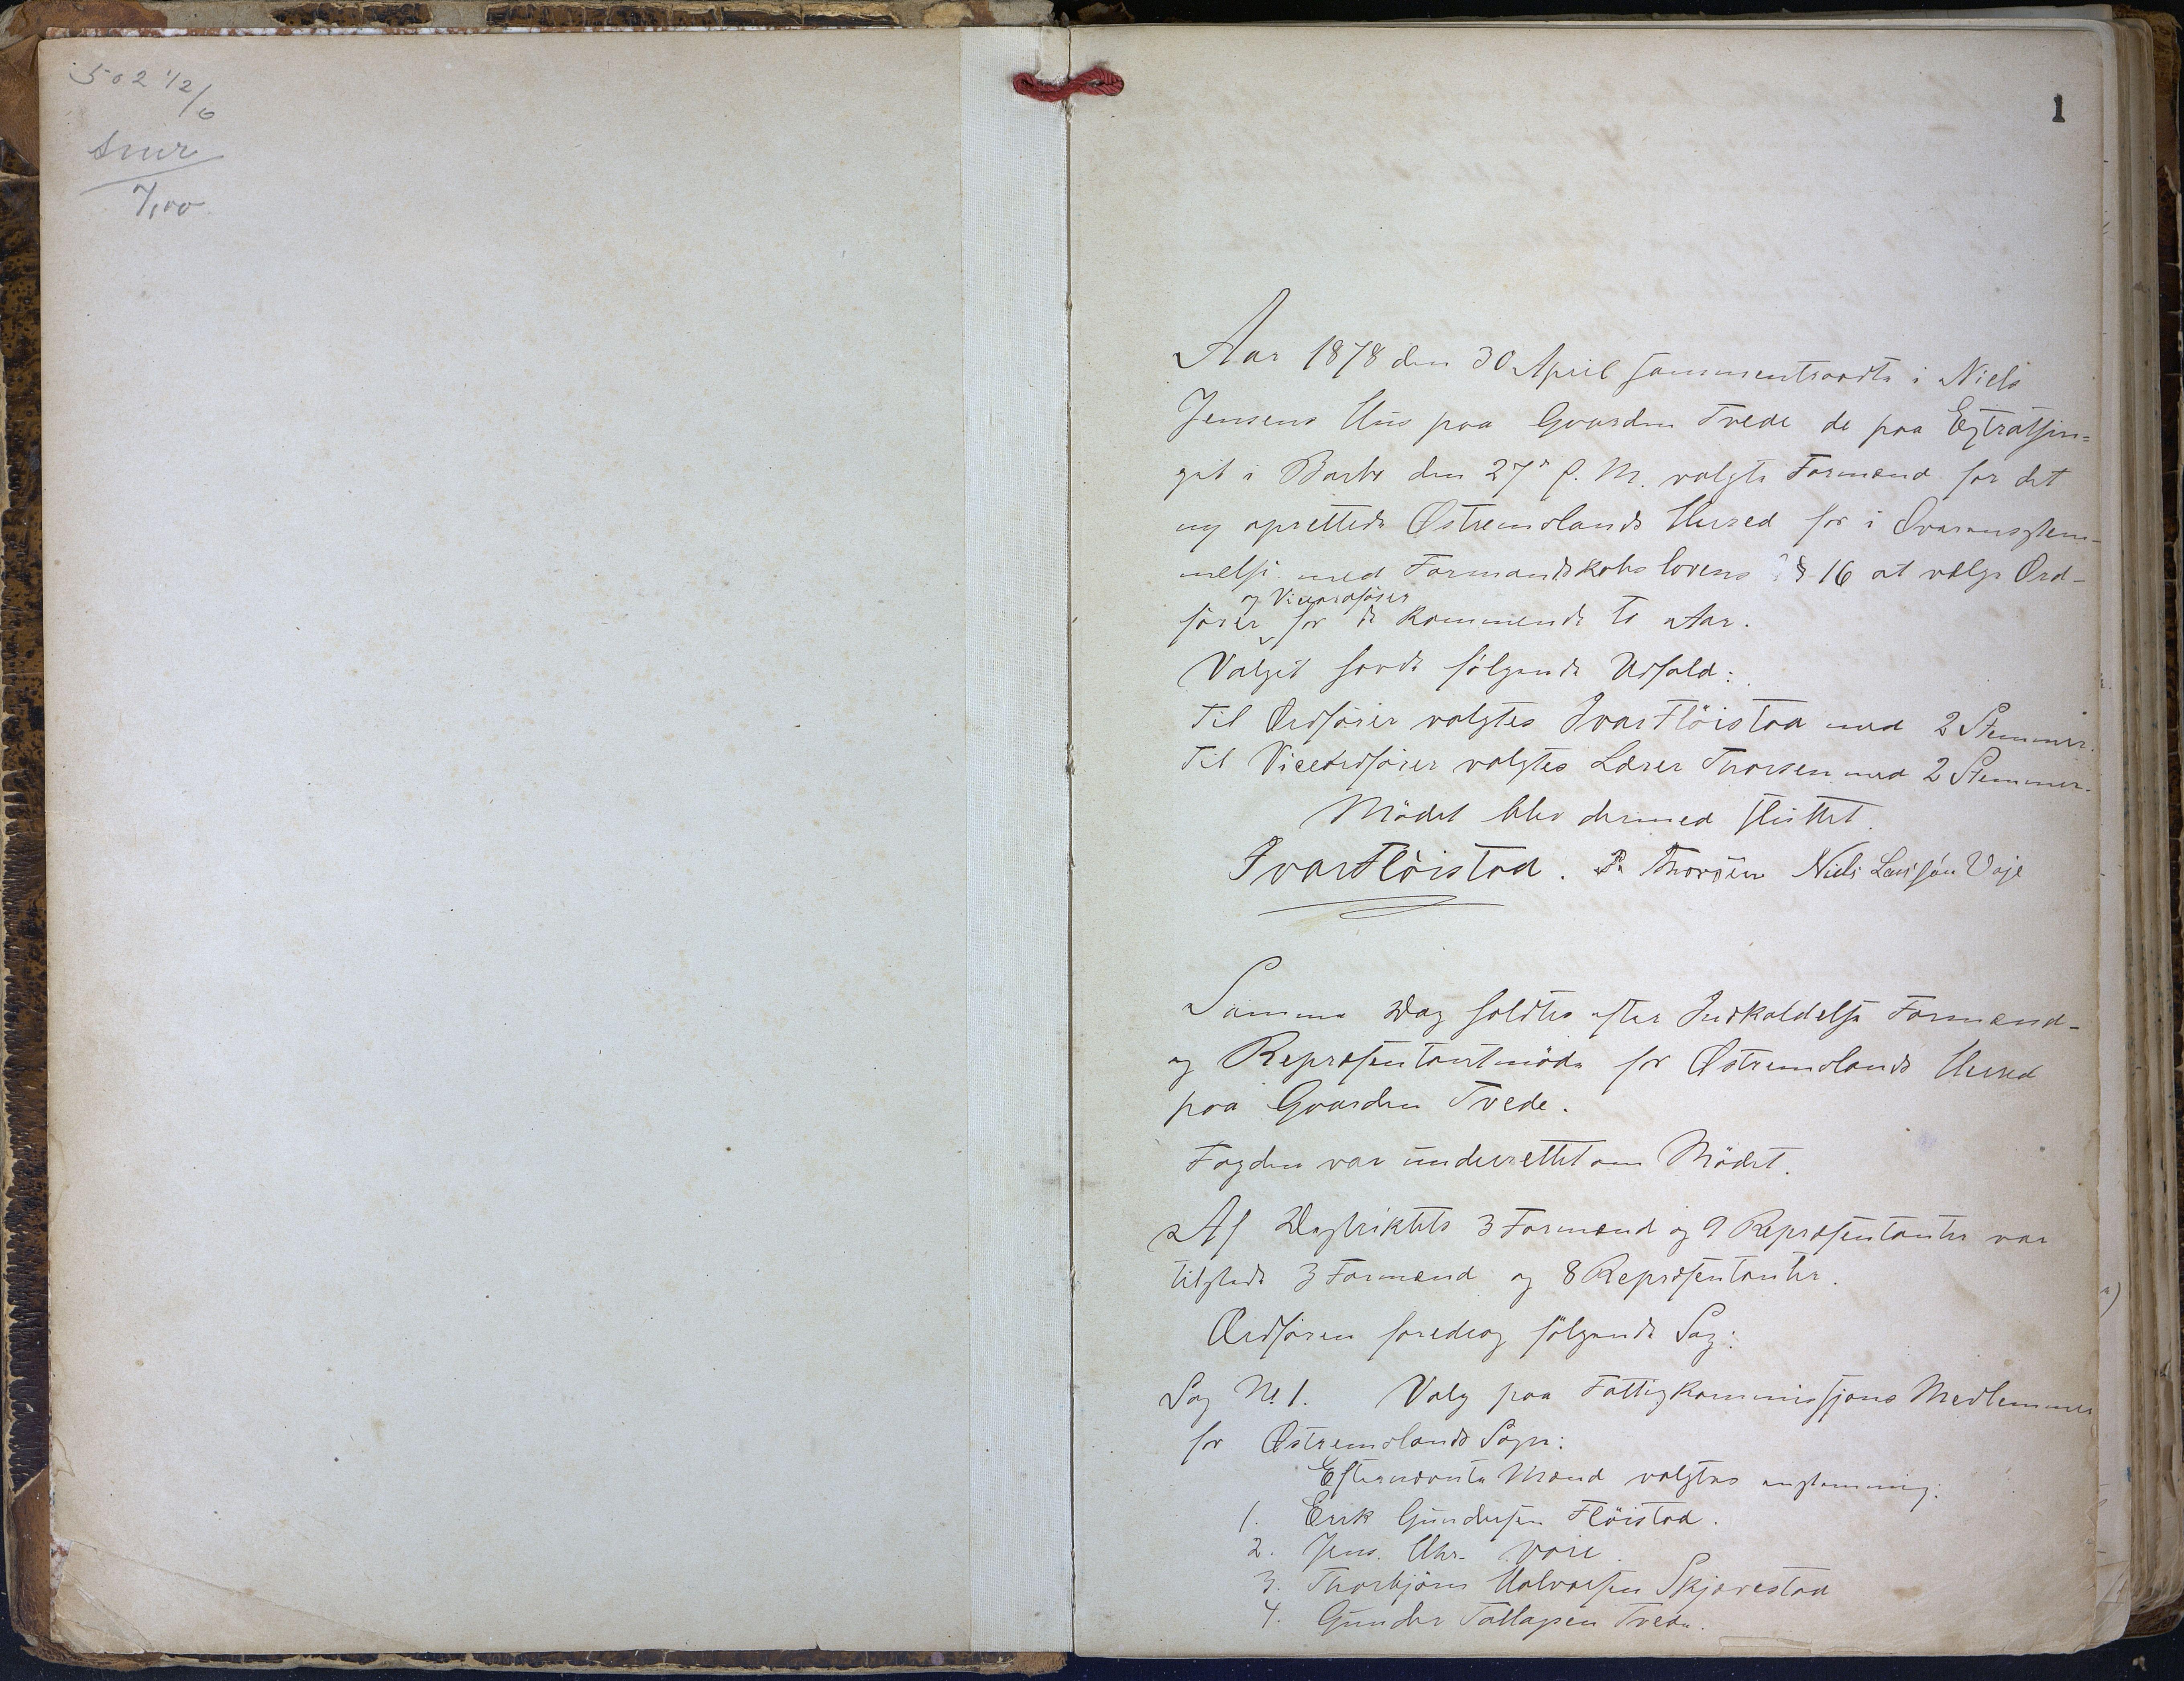 AAKS, Austre Moland kommune, 01/L0004: Møtebok, 1878-1910, s. 1